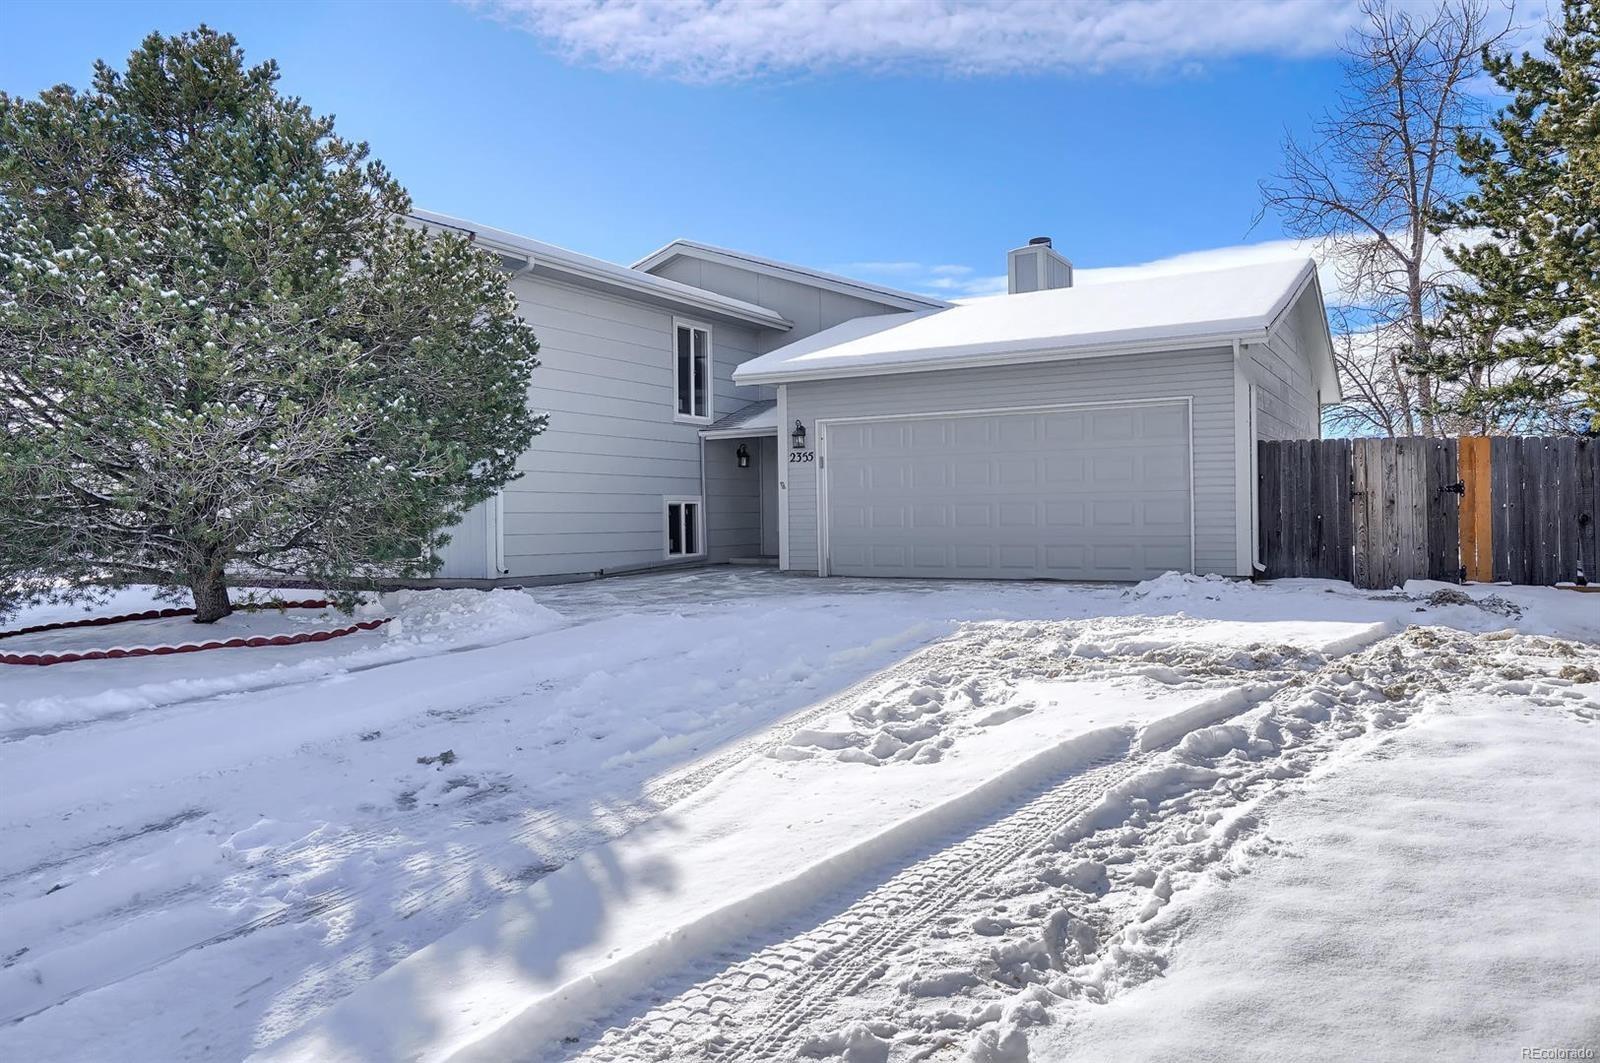 MLS# 3953190 - 5 - 2355 Parliament Drive, Colorado Springs, CO 80920